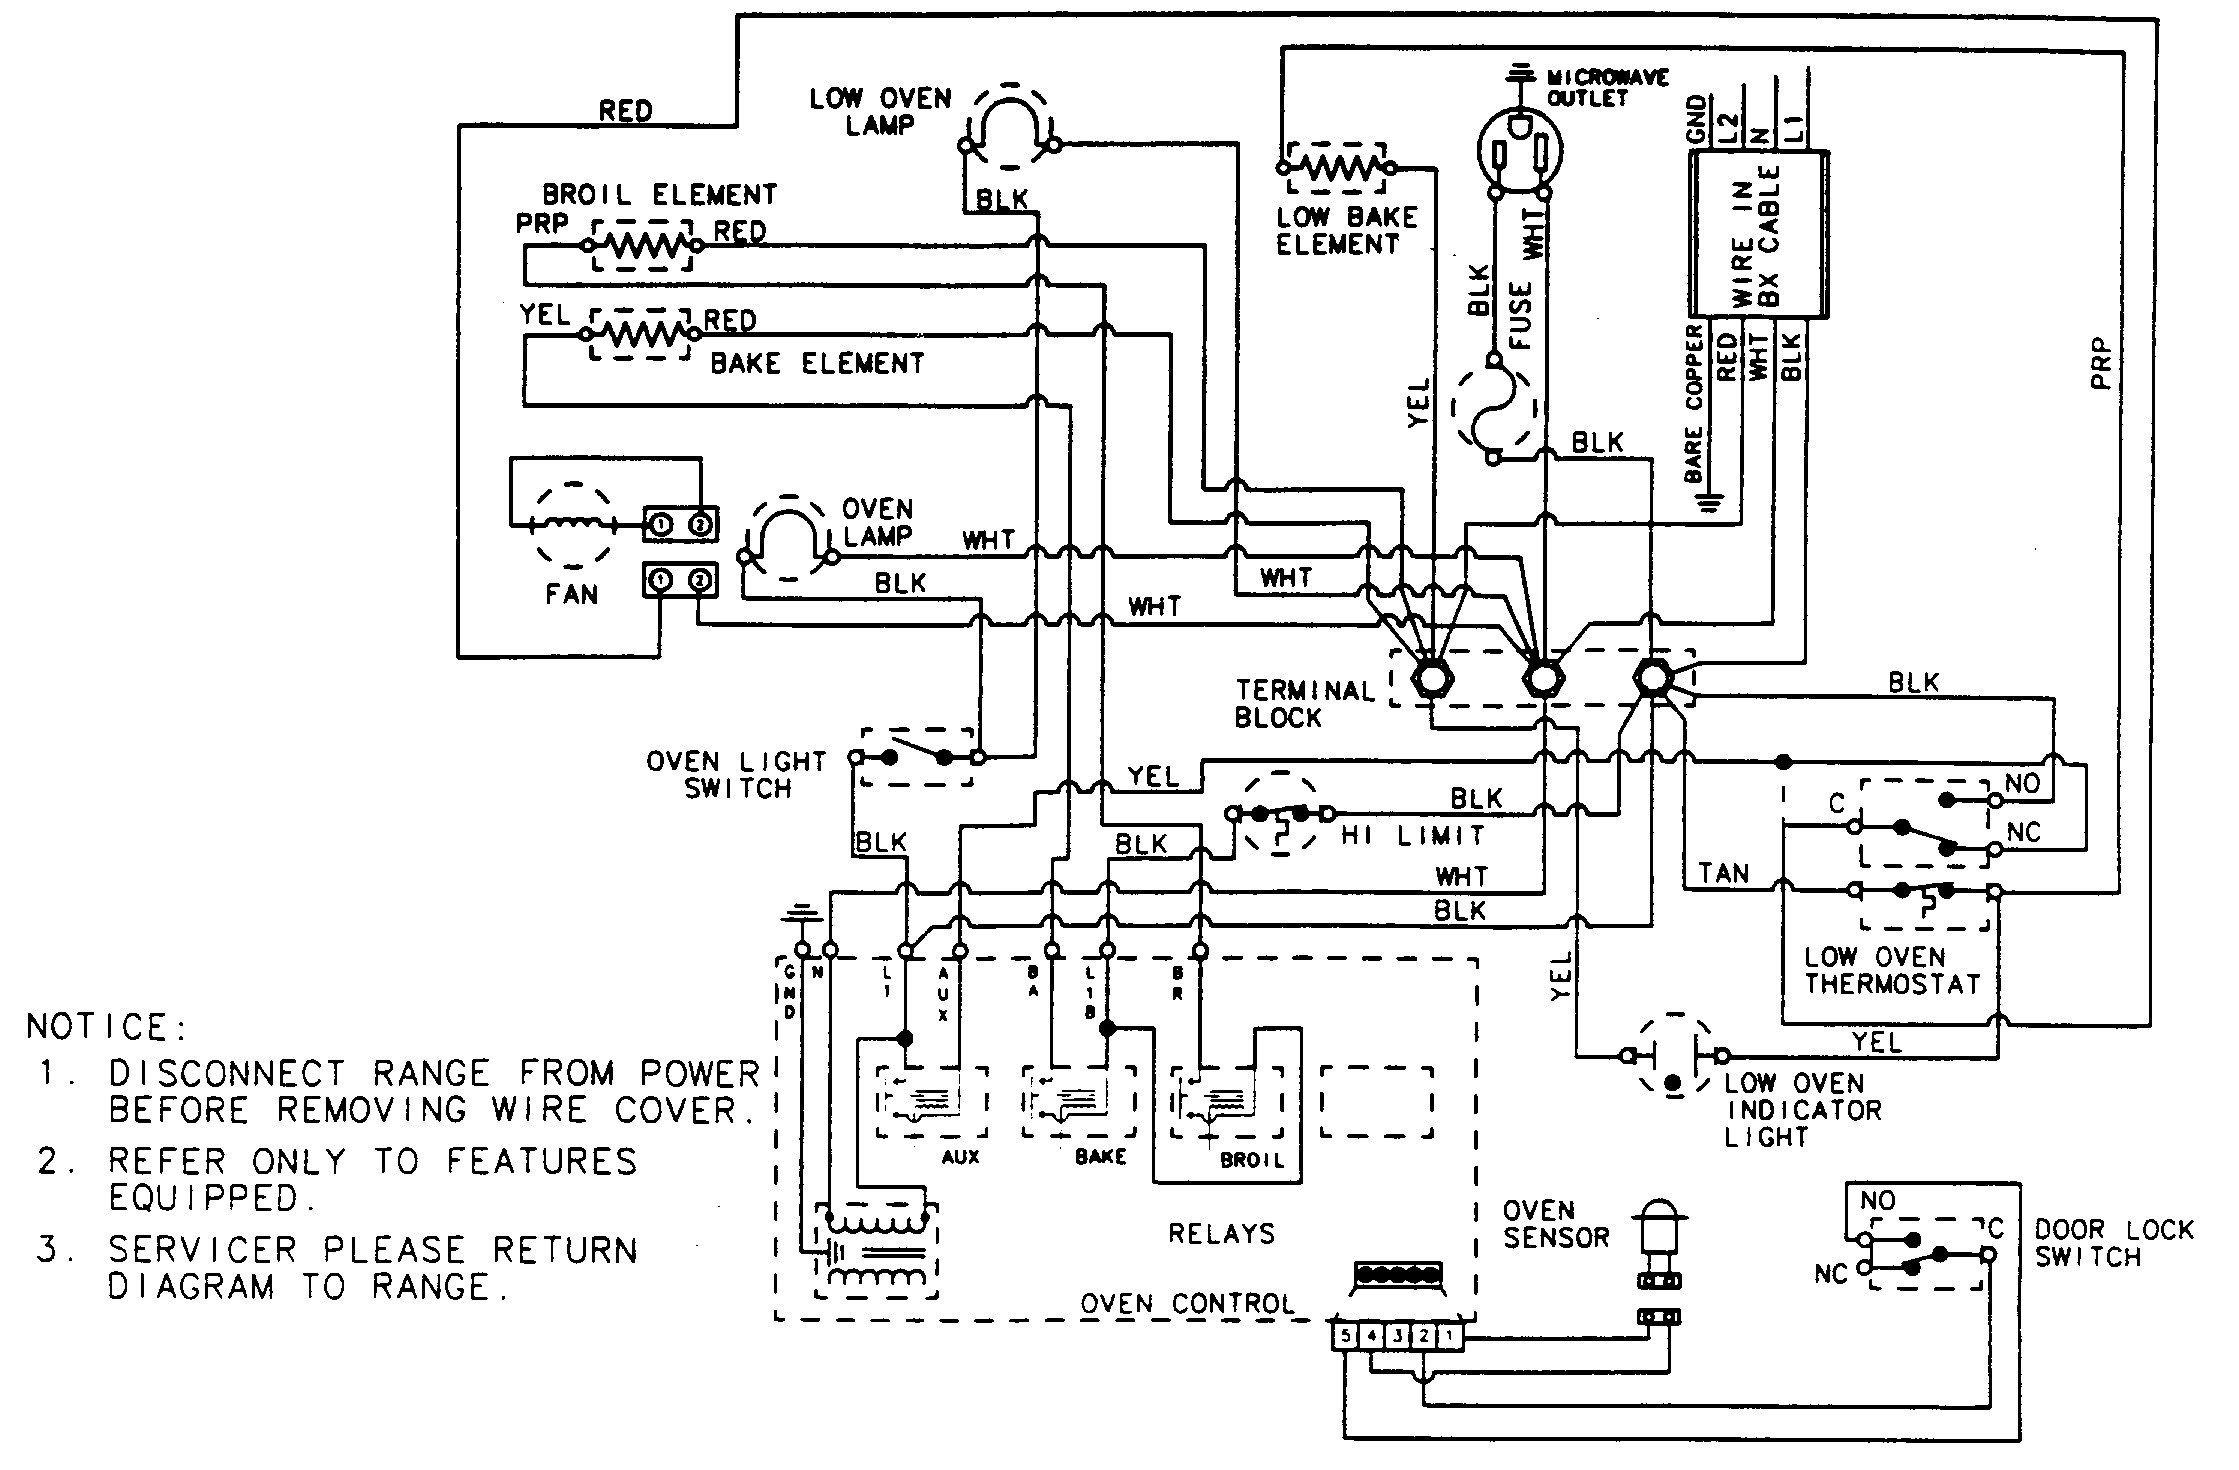 ge stove wiring diagram broiler unit wiring diagrams second ge stove wiring diagram broiler unit wiring diagram ge stove ge stove wiring diagram broiler unit